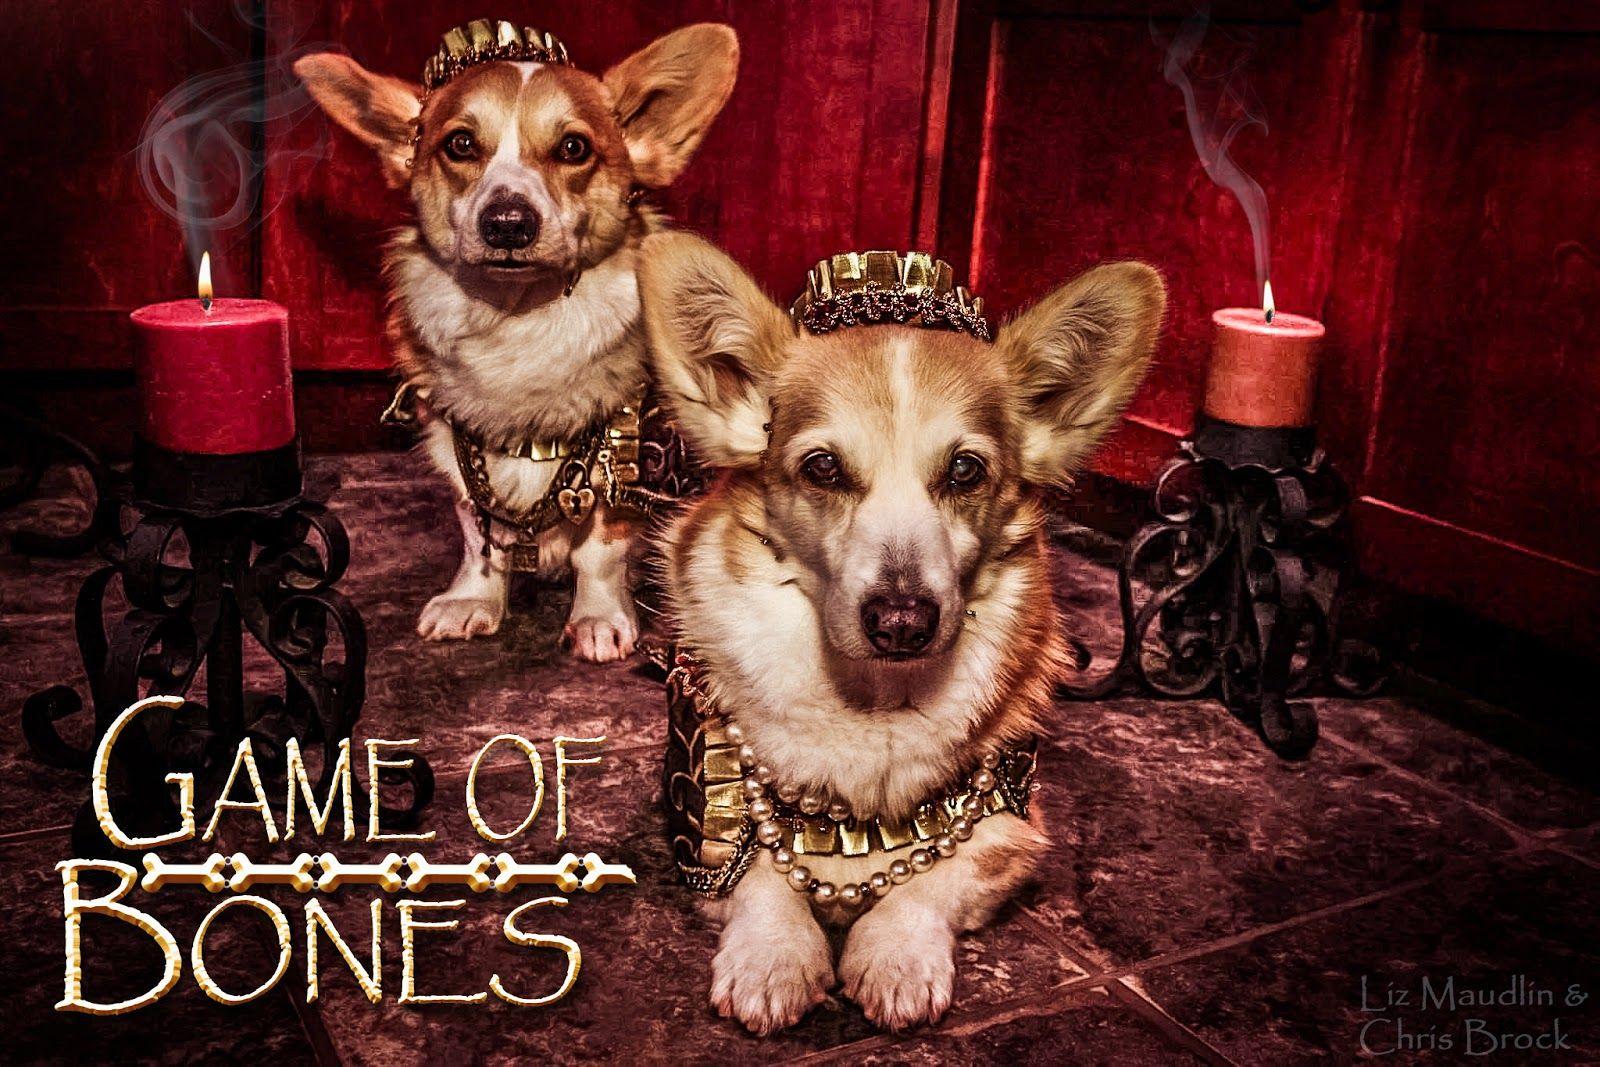 Game Of Bones Corgi Edition Corgi Corgi Dog Corgi Butts